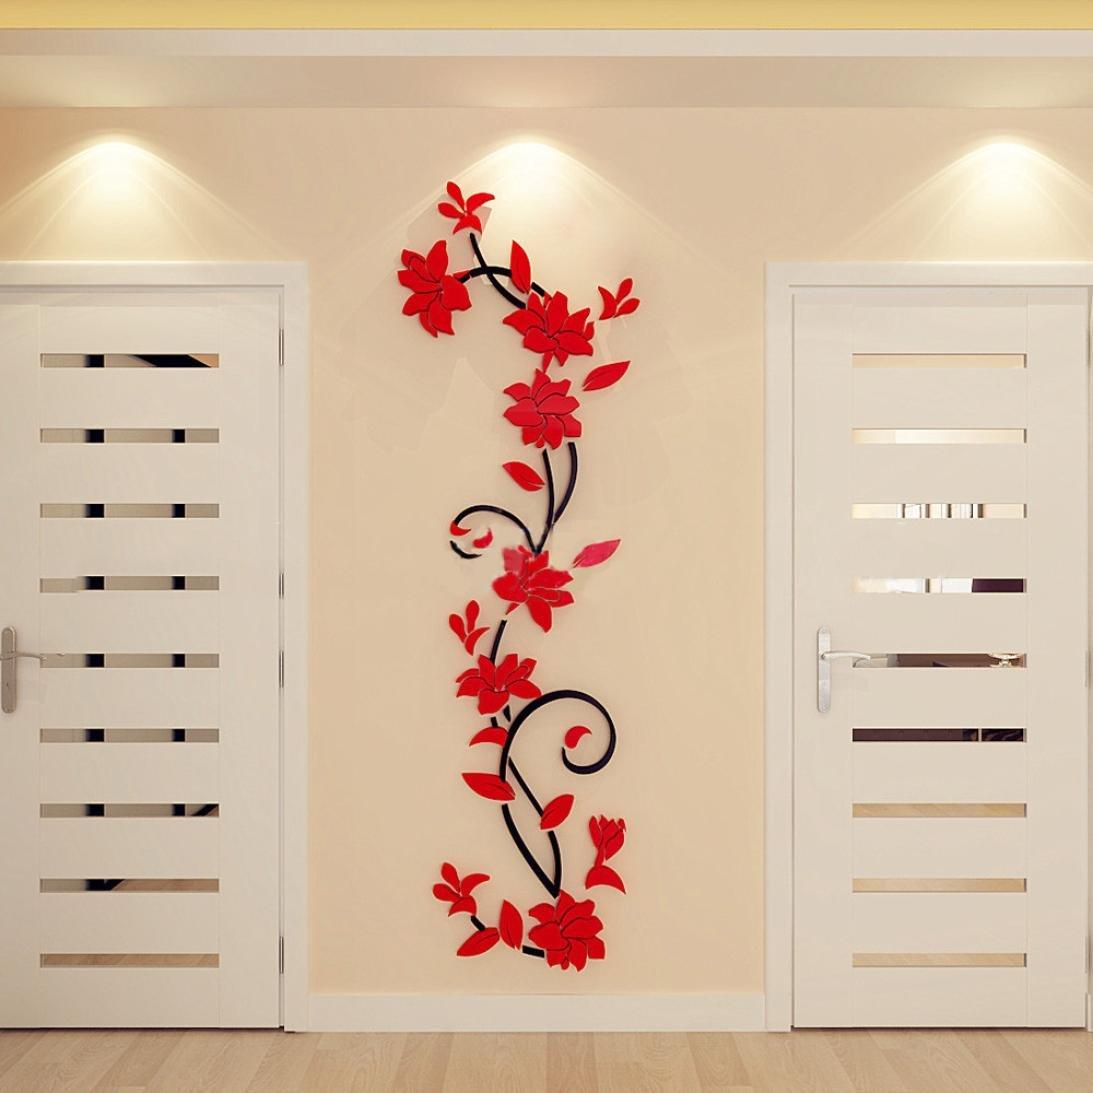 Faszinierend Wandtattoo Rot Foto Von Jamicy® Diy 3d Acryl Blume Wand Aufkleber